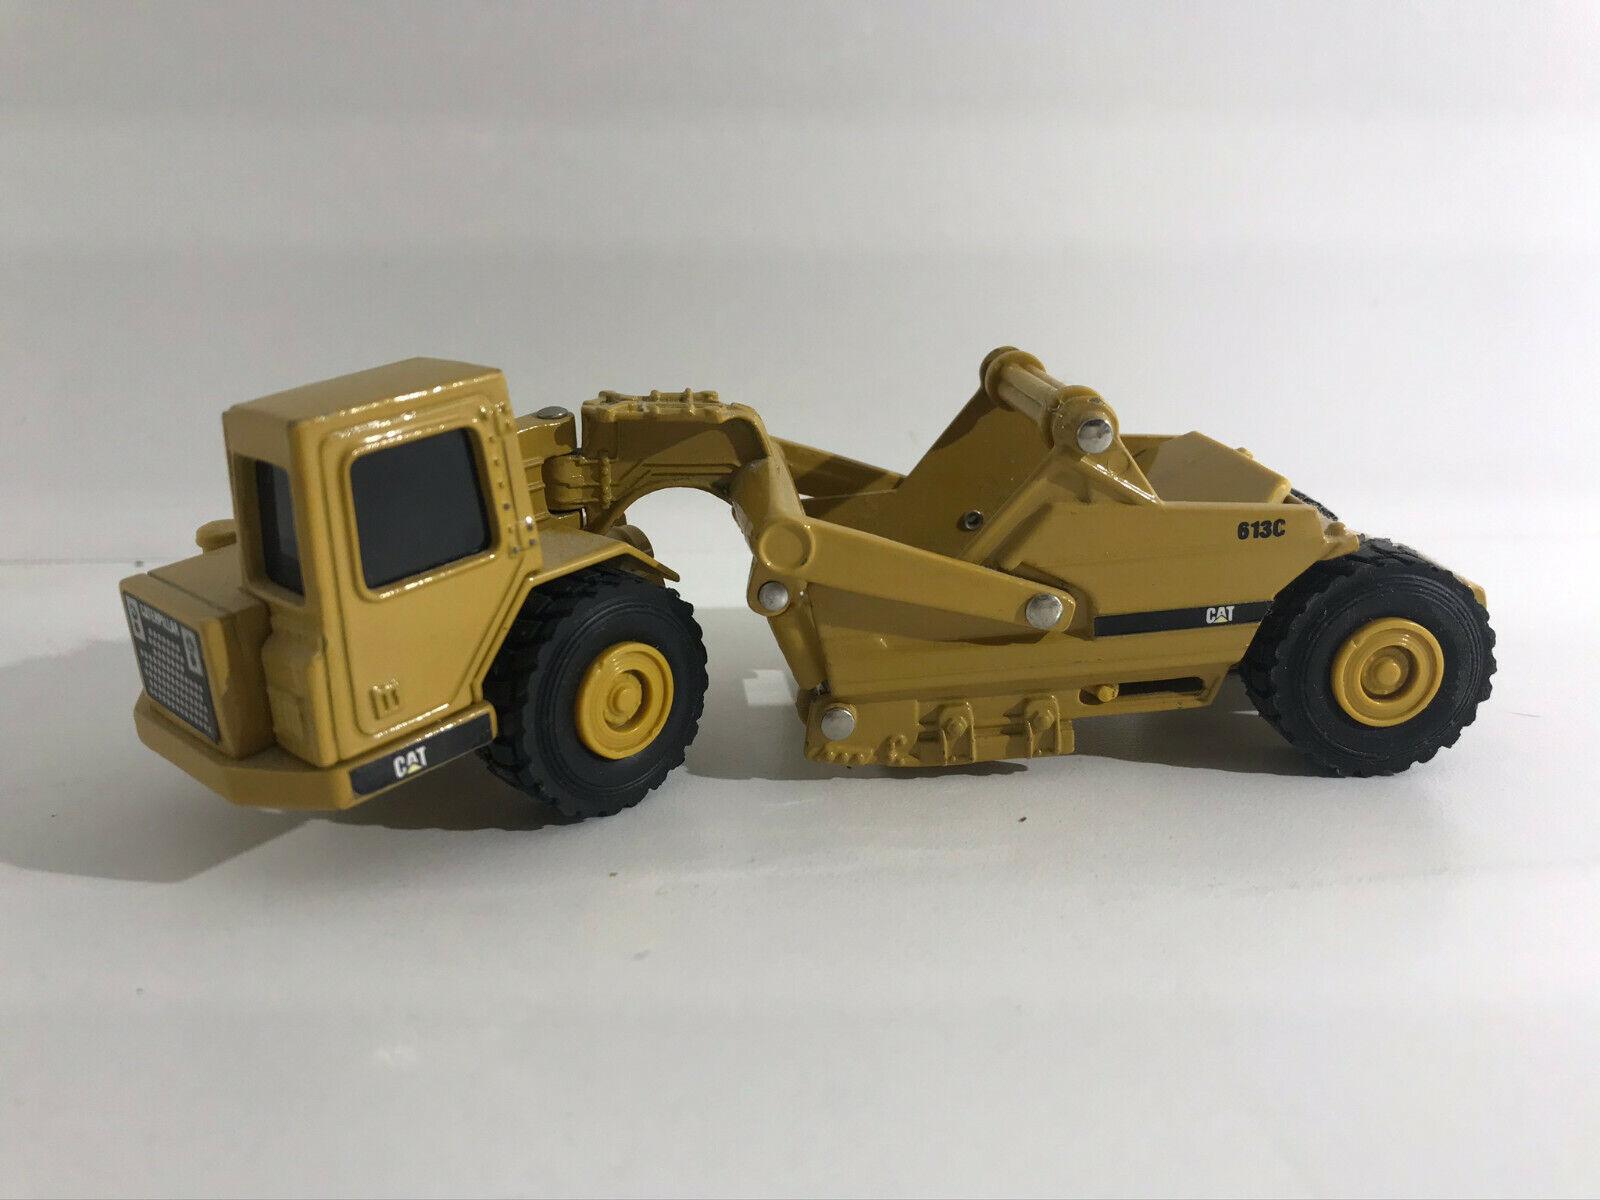 ERTL Caterpillar 613C Die-Cast Elevating Scraper. Used - $7.00